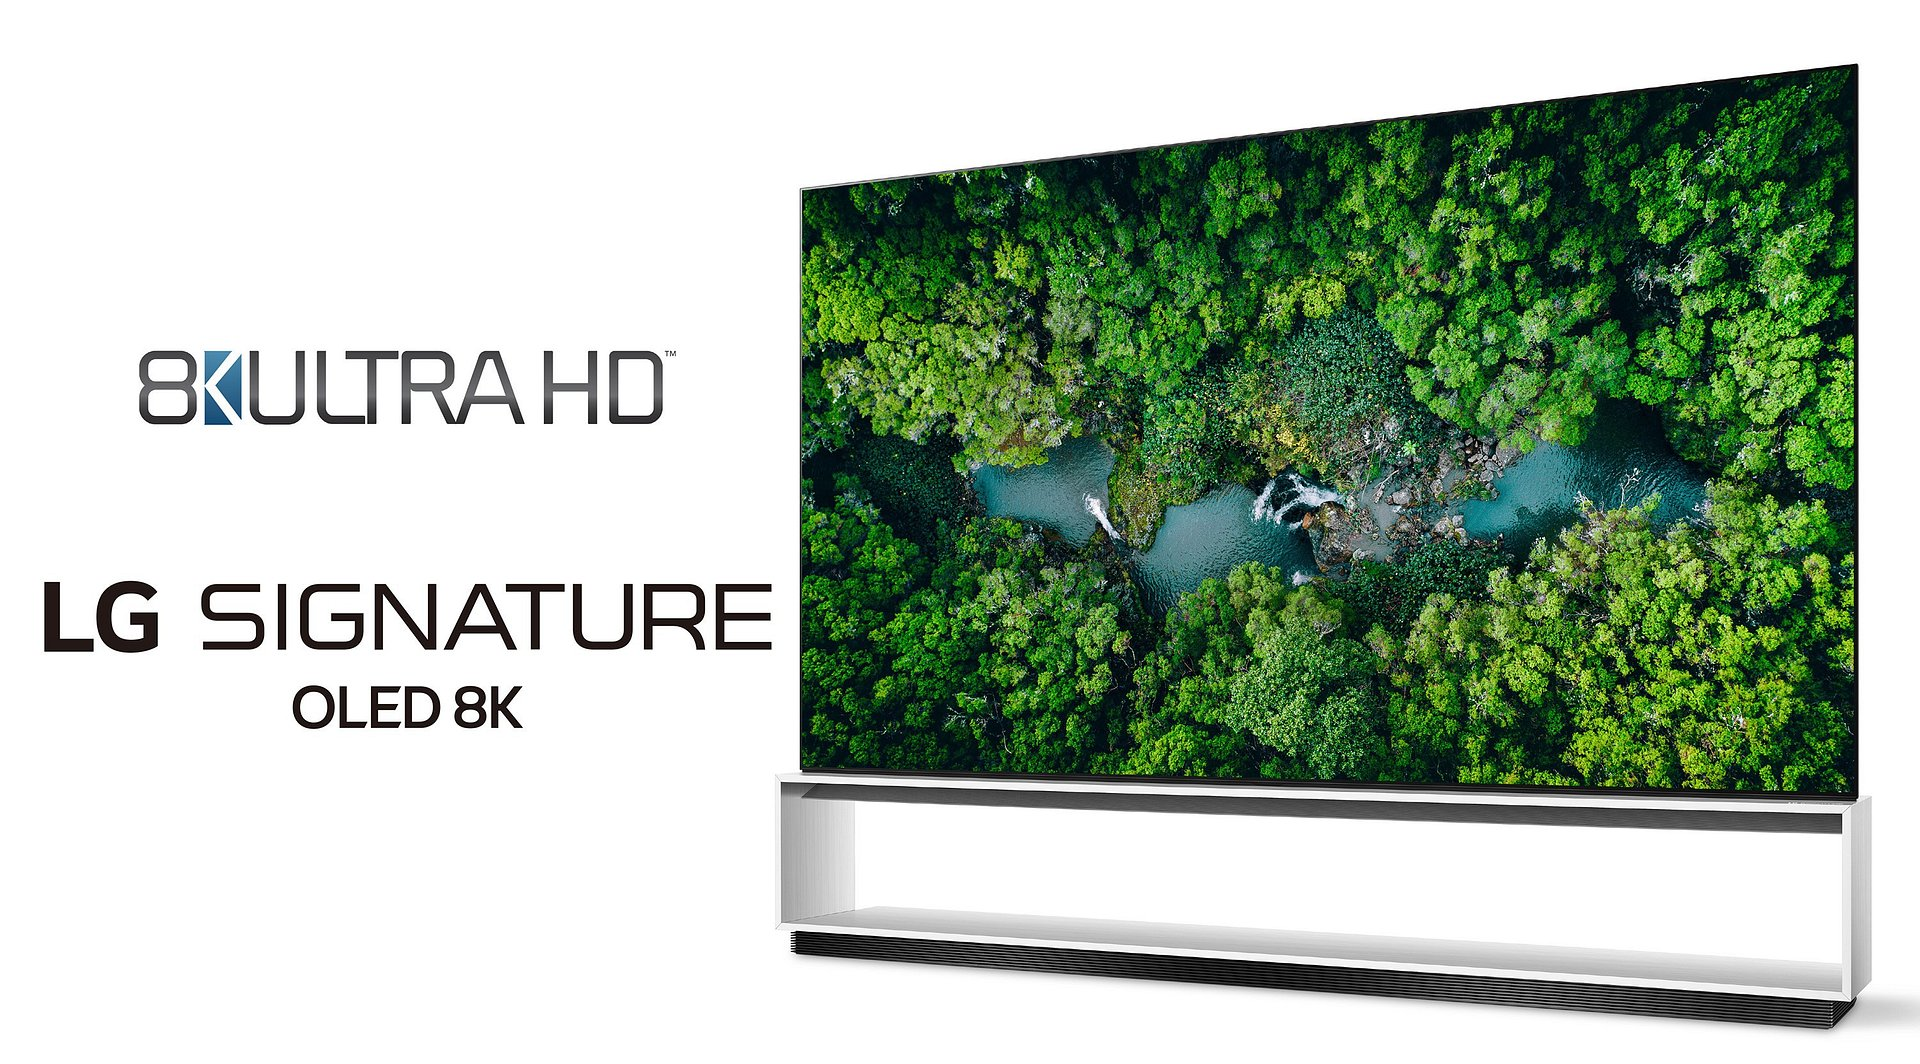 Firma LG jako pierwsza z nadmiarem spełniła wymagania branżowej specyfikacji dla telewizorów 8K Ultra HD